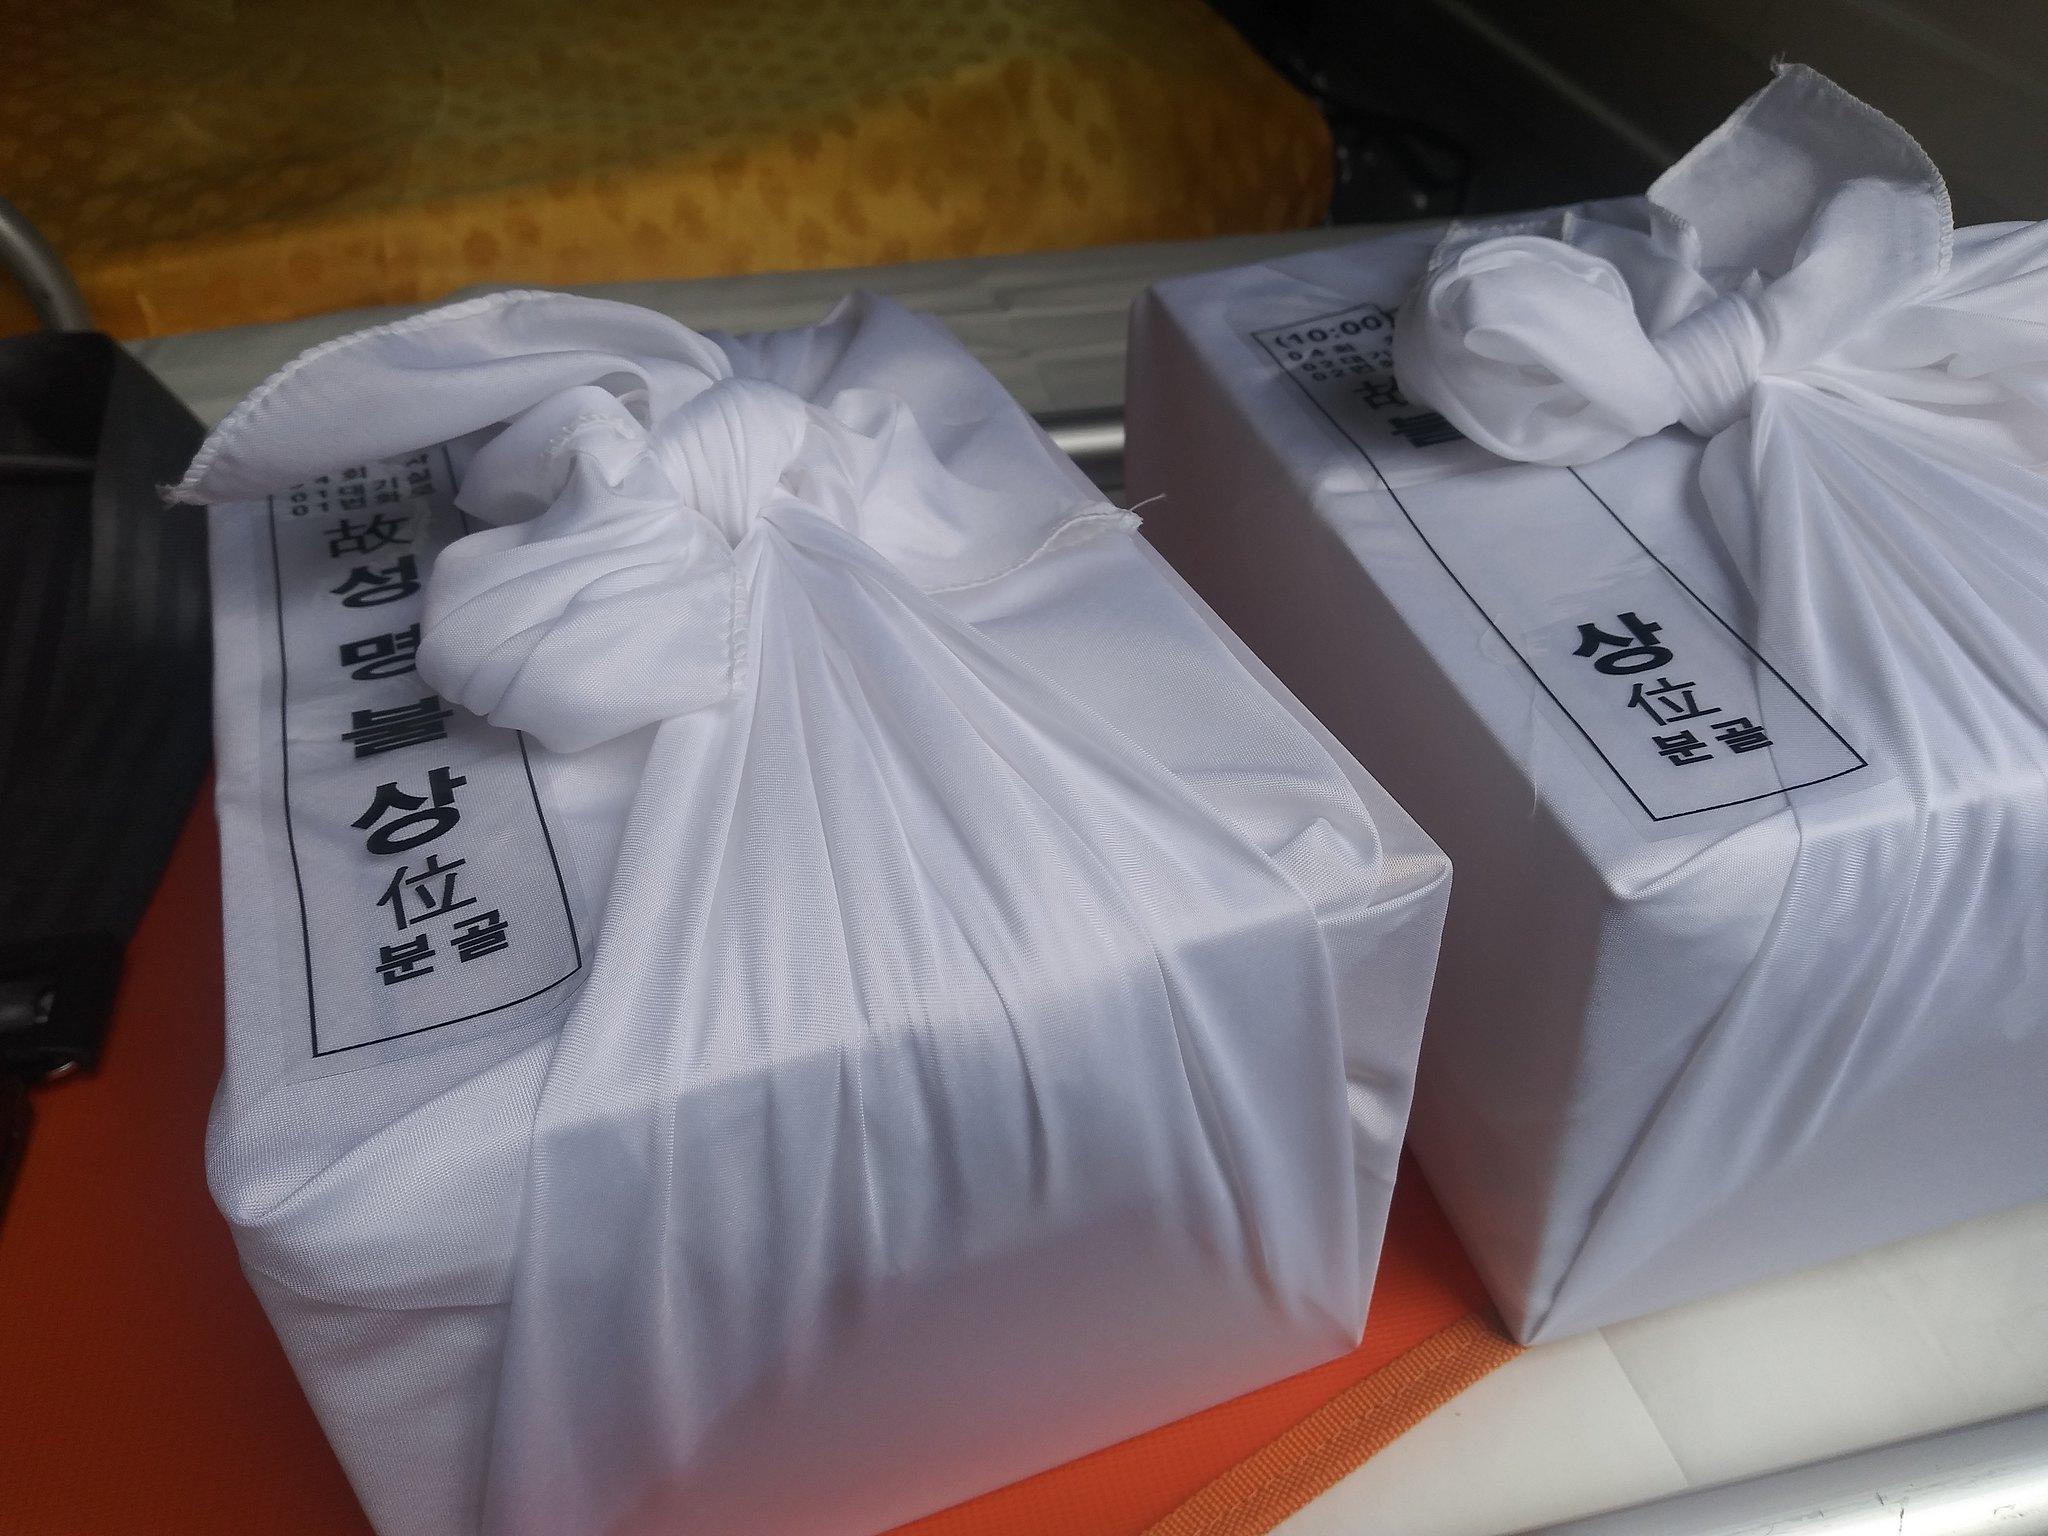 20191223_불상남성 & 불상아기 장례 (45)